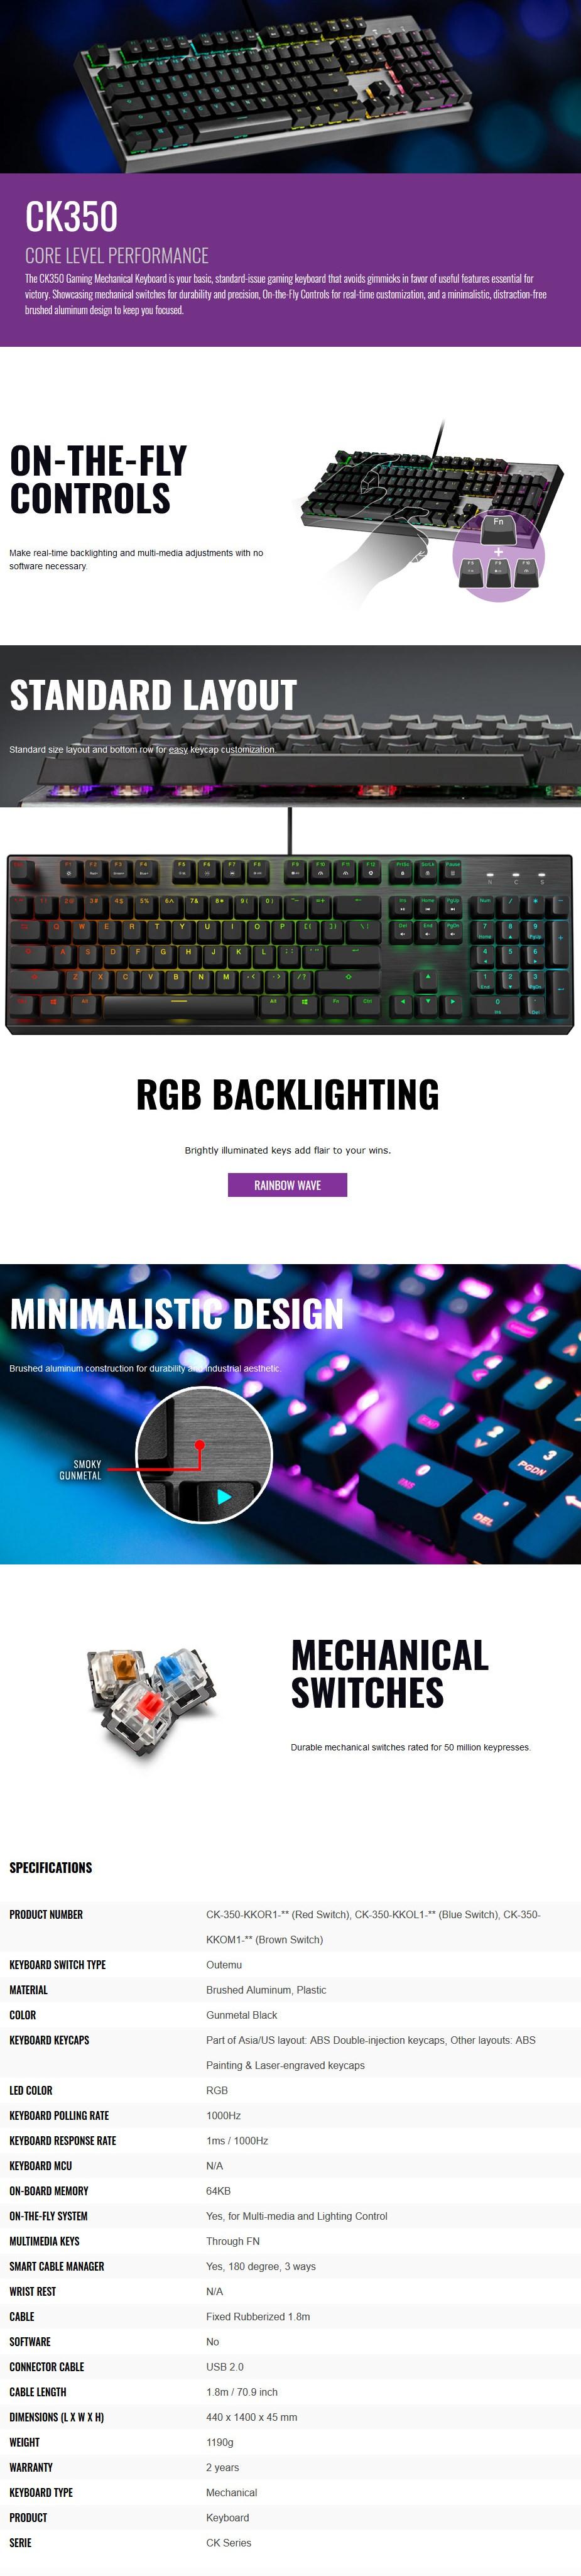 keyboardoutemu-blueus-layout-ac41682-7-1-.jpg